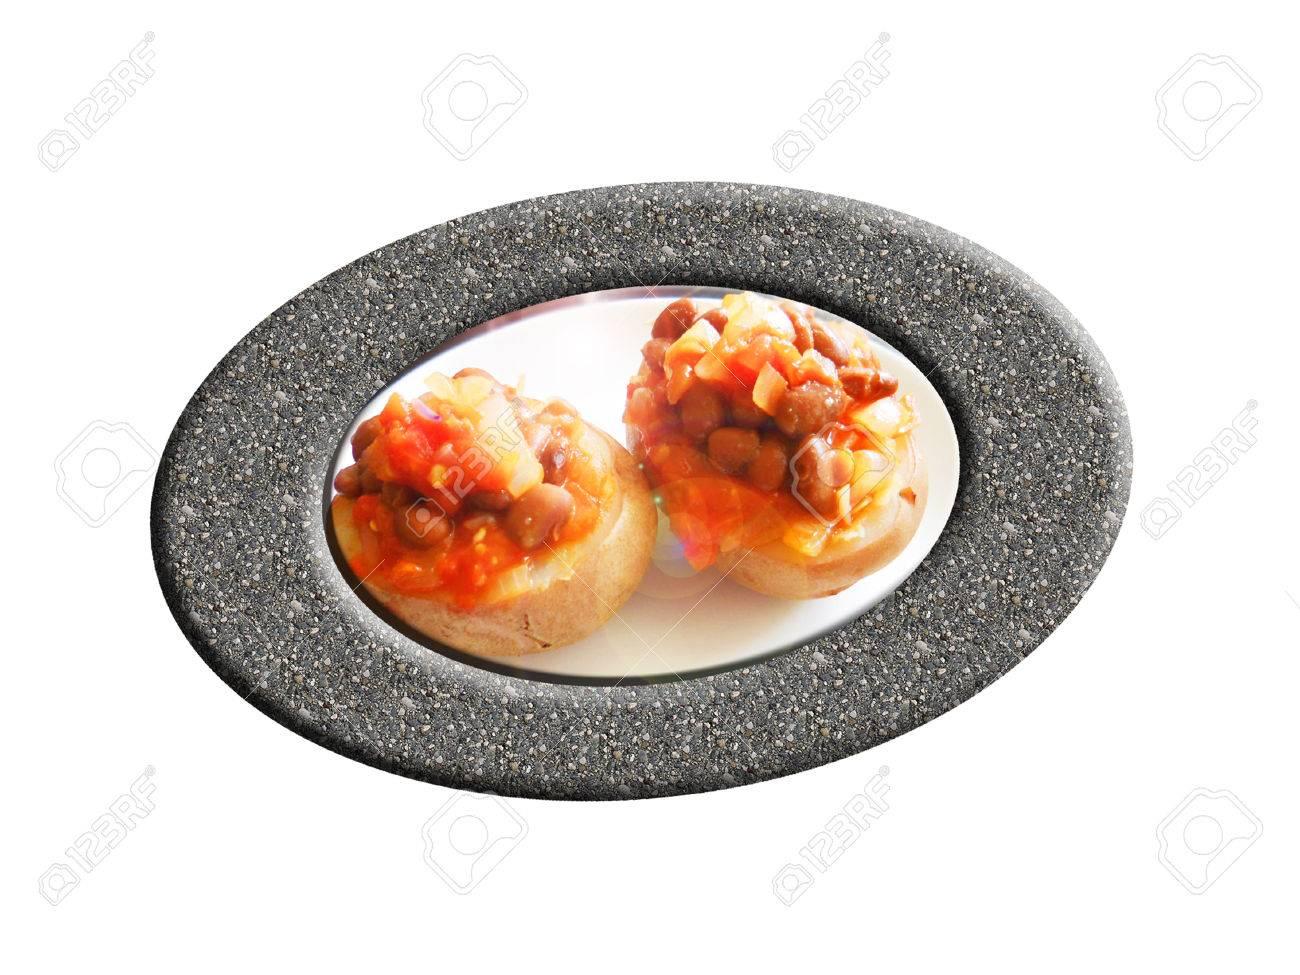 Potato filled with beans. Composition. Foto de archivo - 44287421